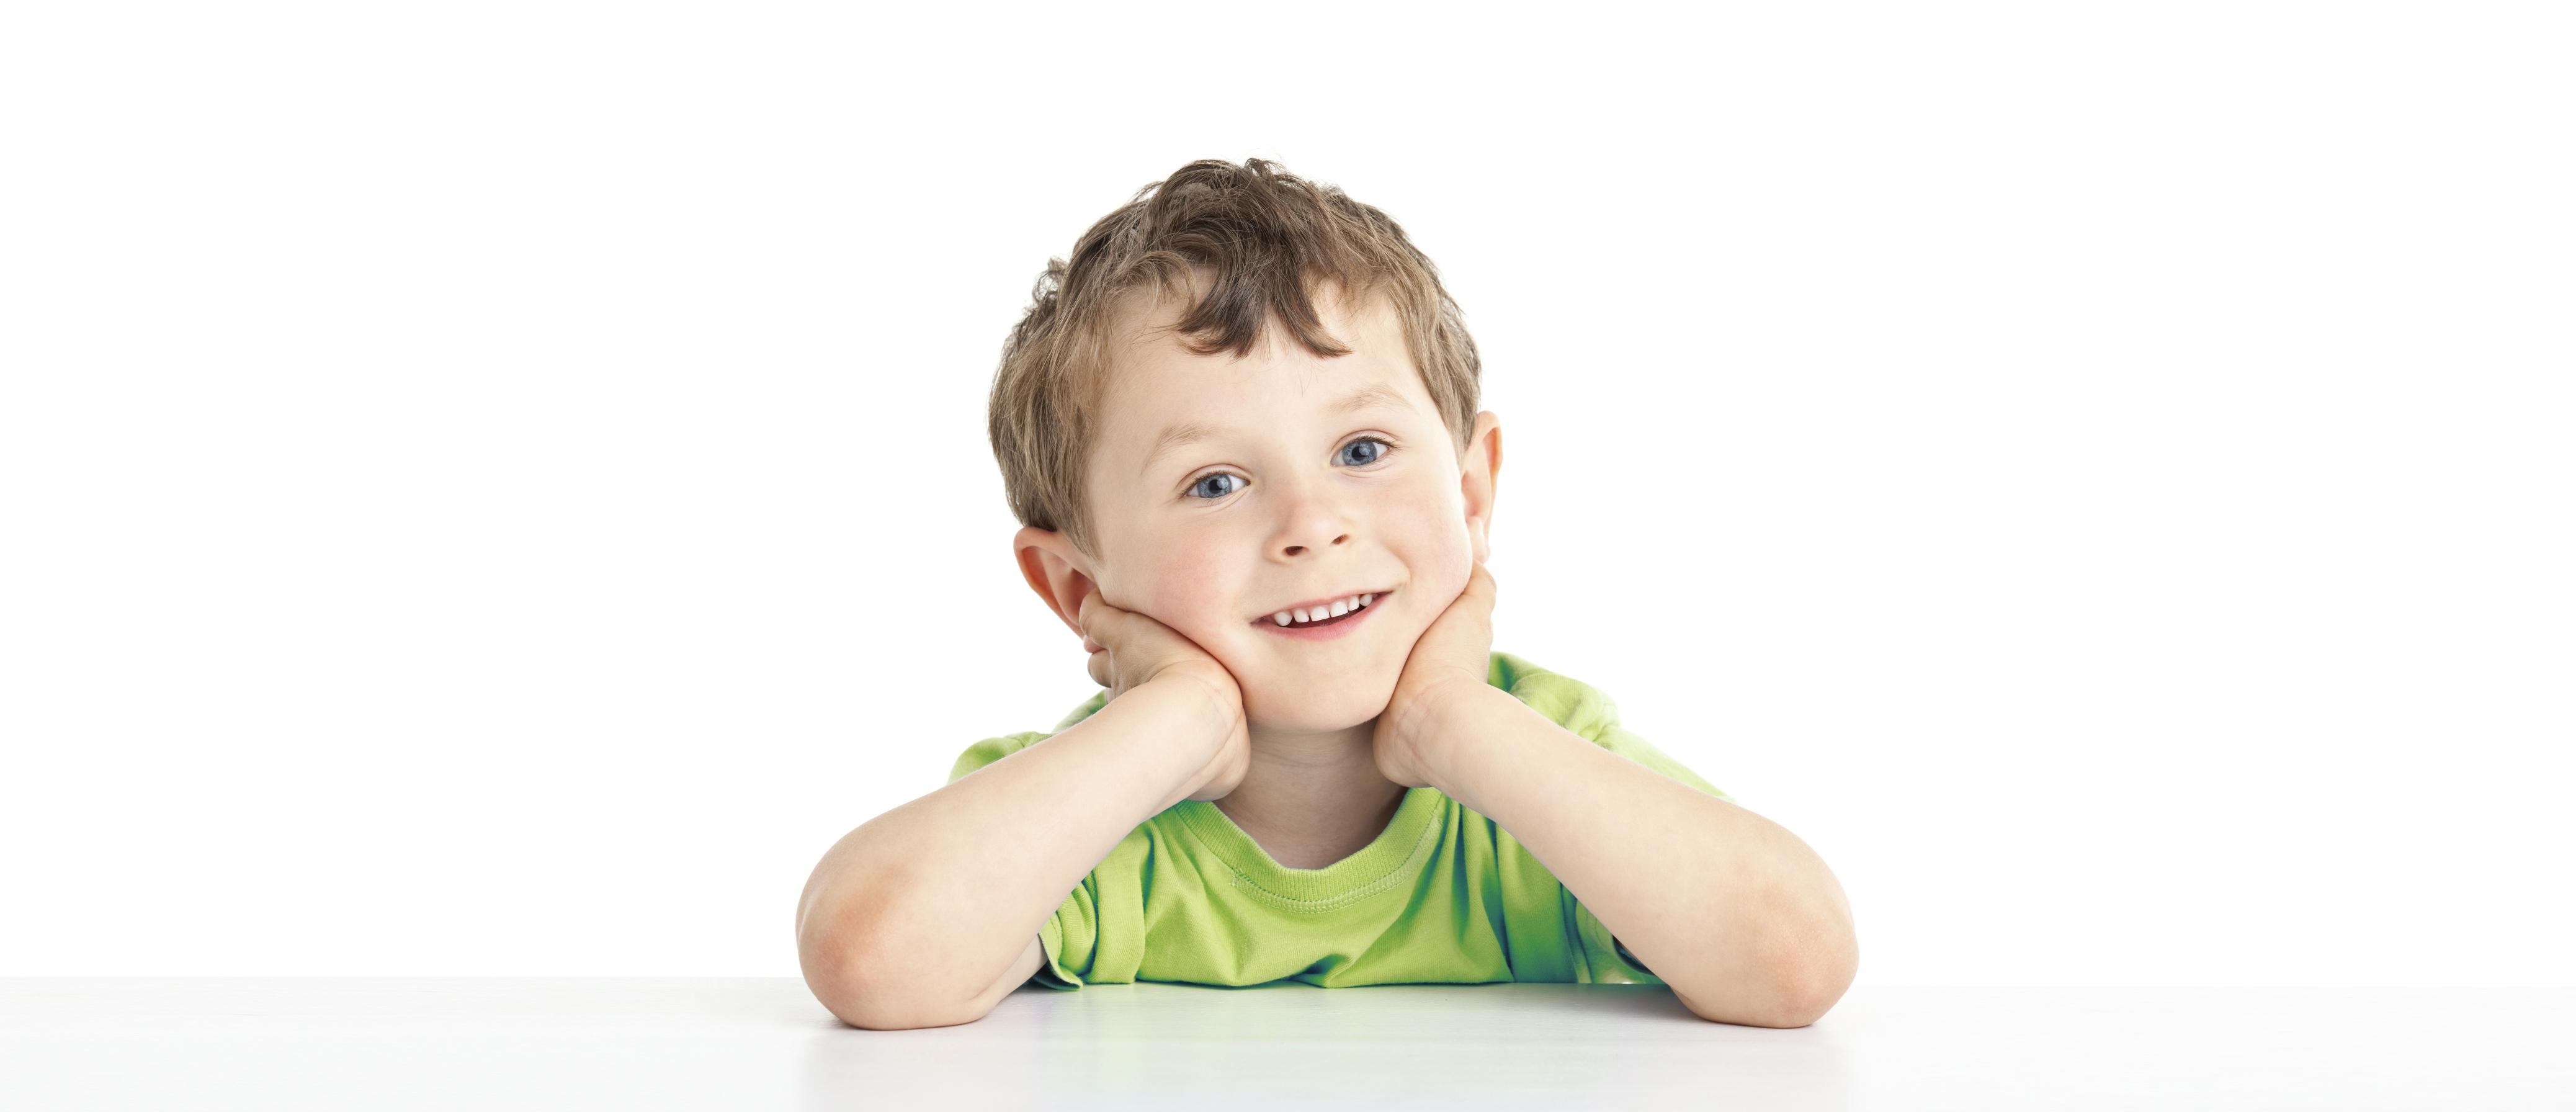 Happy-Kid-Stock